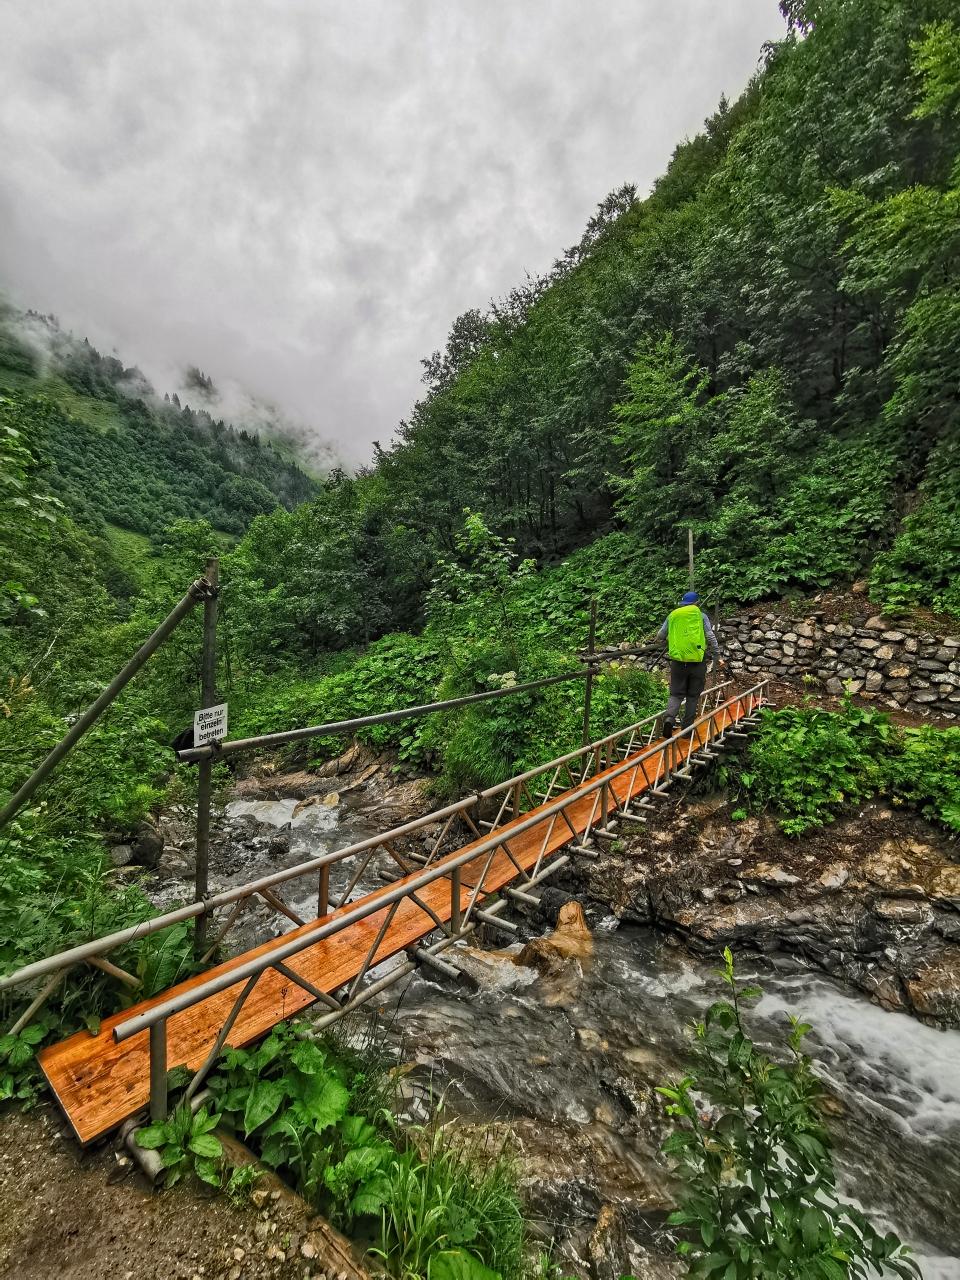 Wir queren den Bach und steigen weiter im Wald ab